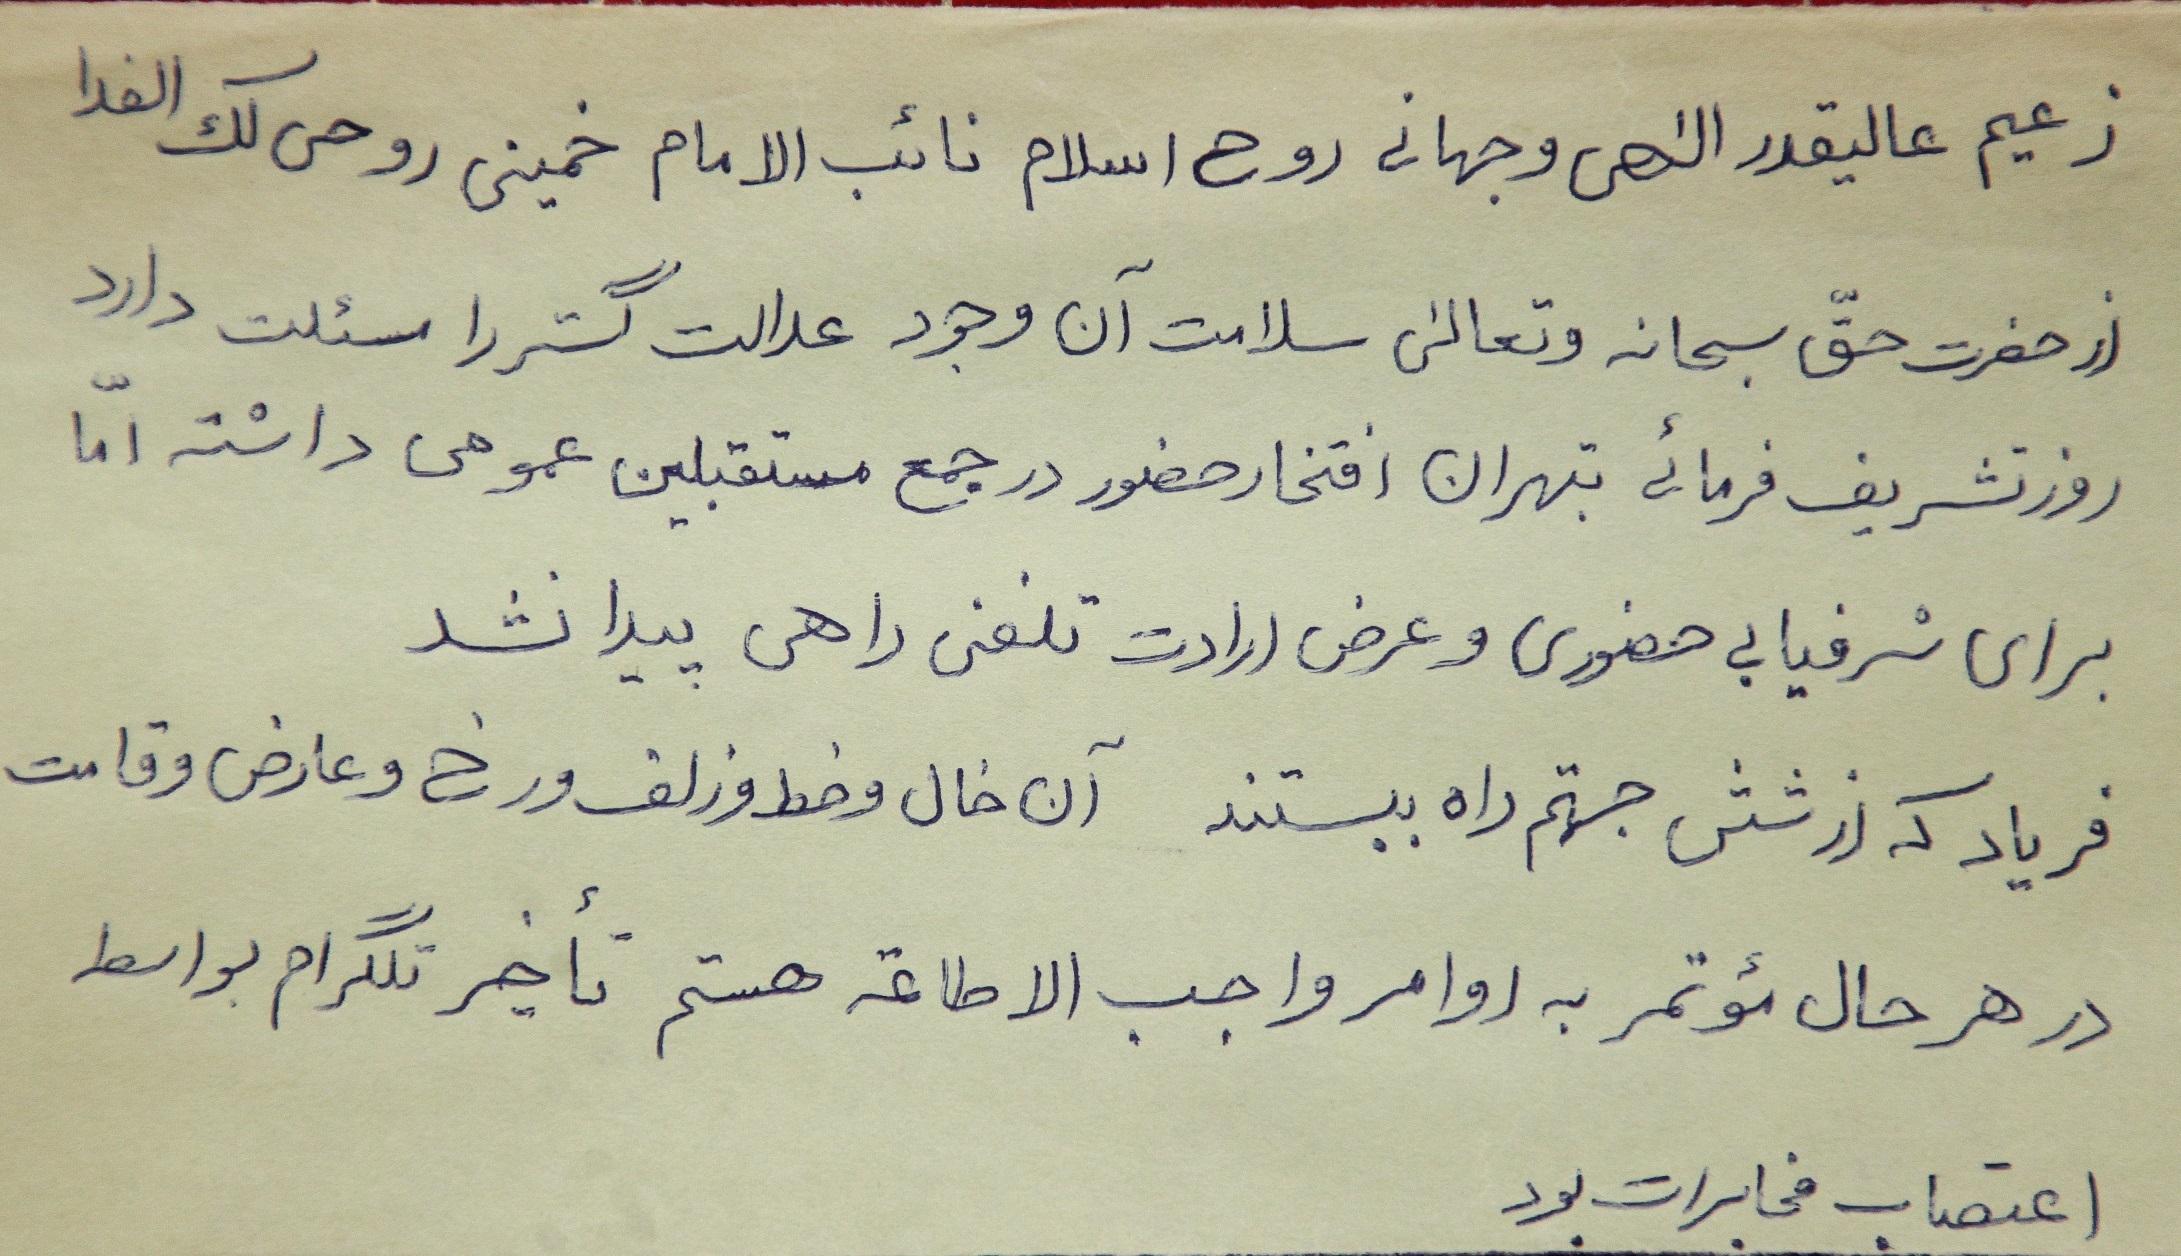 نامه به امام خمینی(ره)